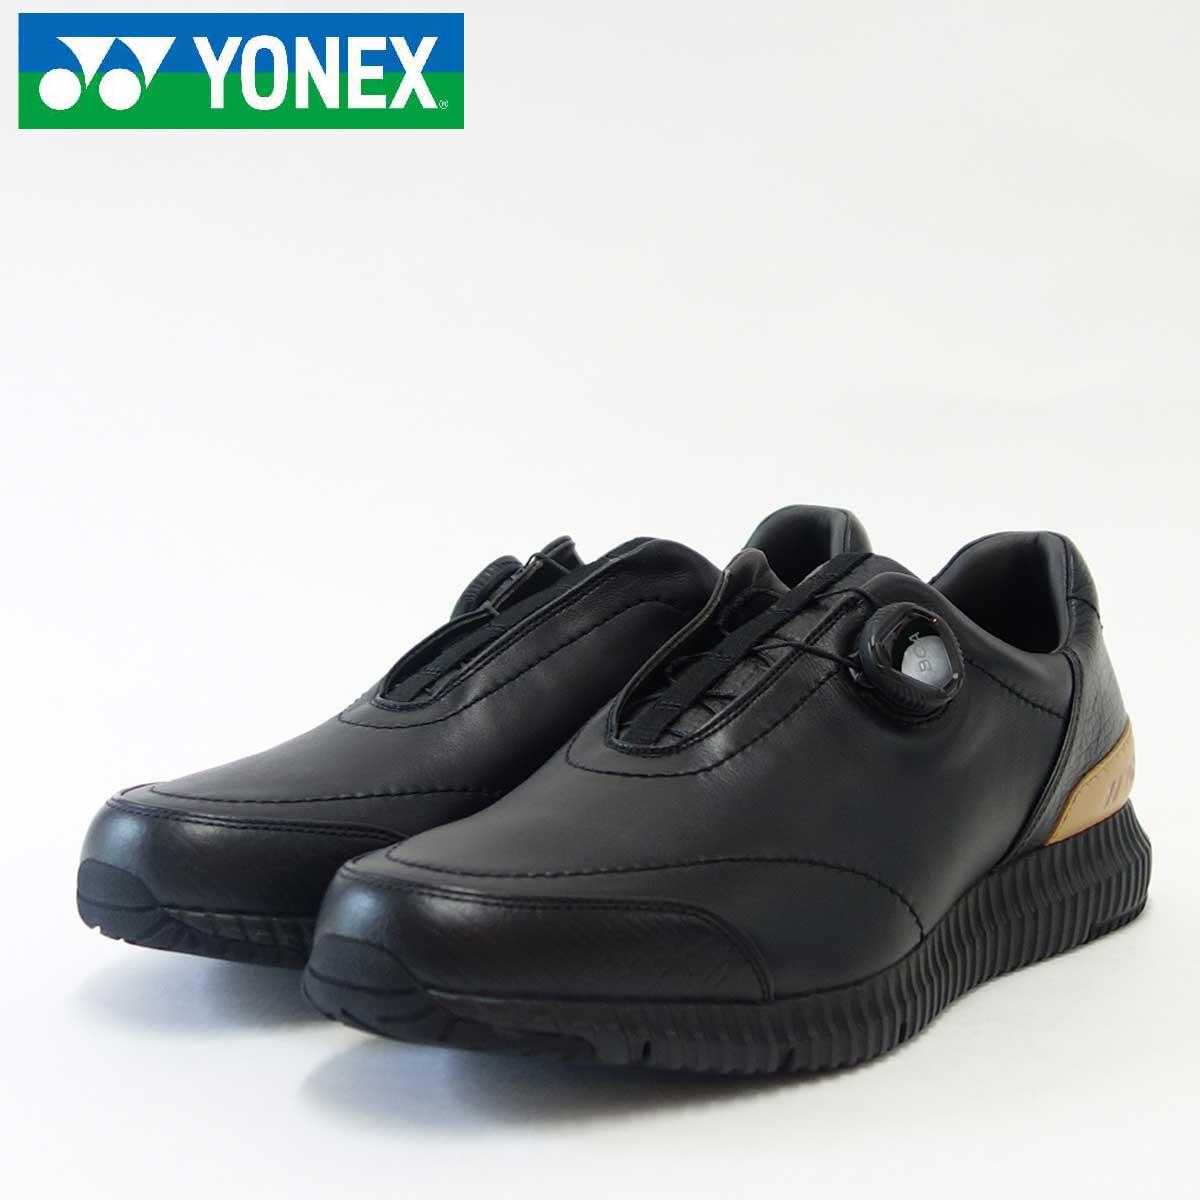 YONEX ヨネックス MC96 ブラック (メンズ)軽い疲れにくいウォーキングシューズ「靴」